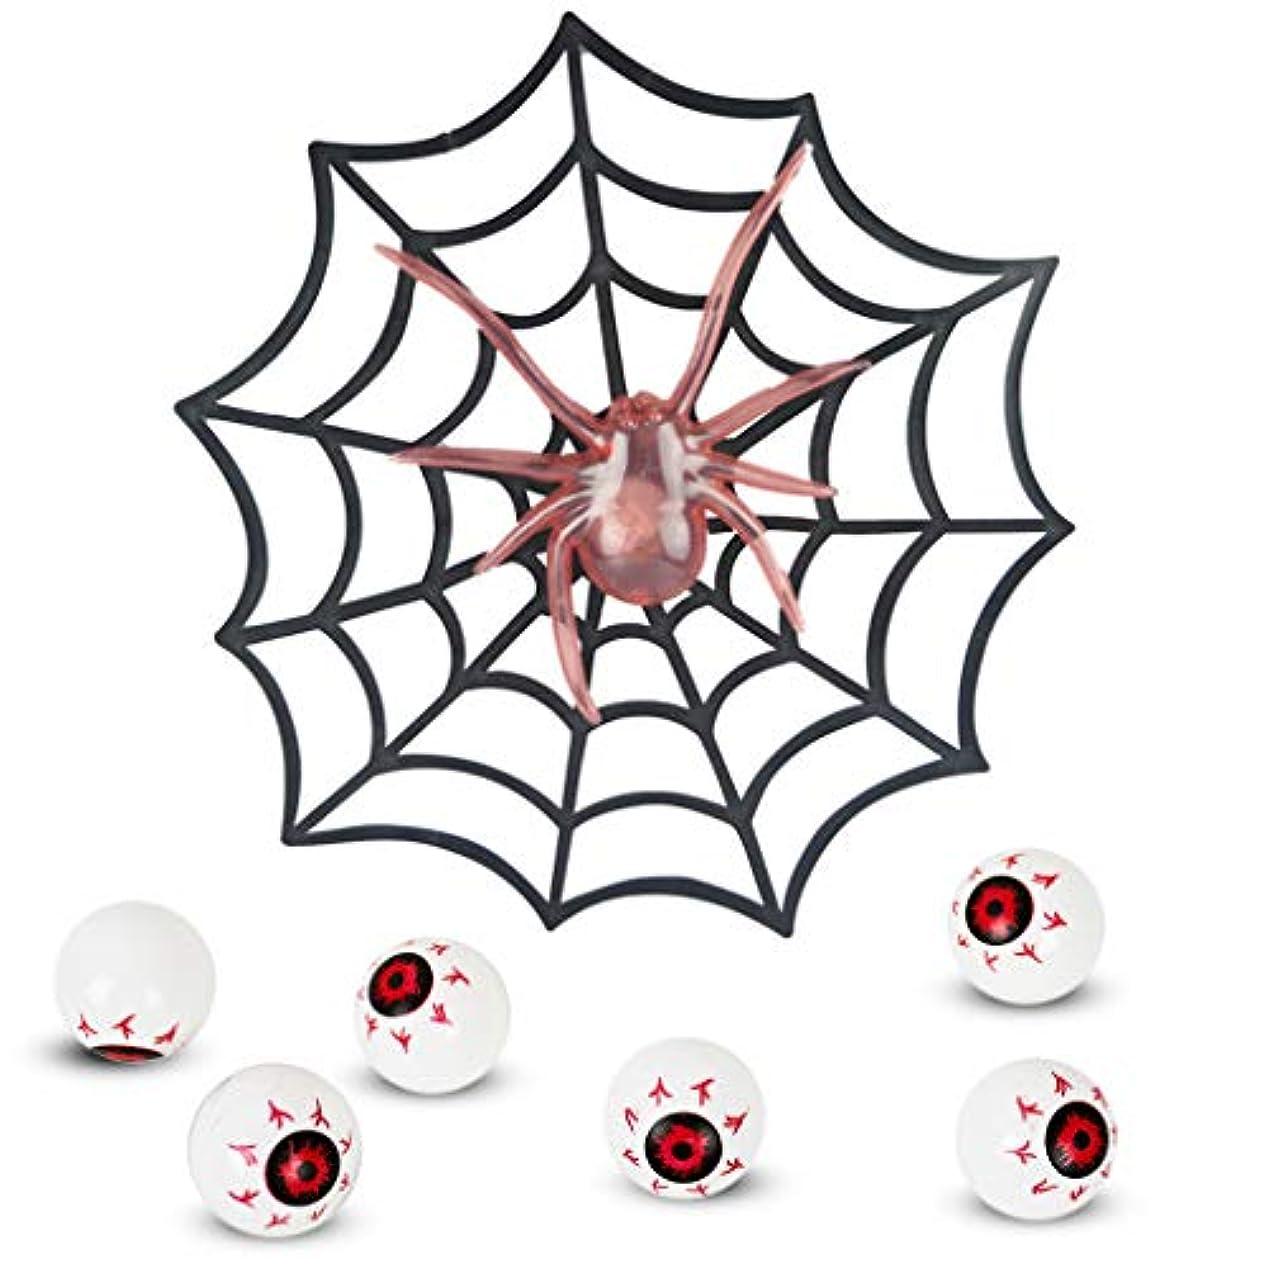 返済についてトロピカルJiaxingo ハロウィン くも キャンディーボックス おもちゃ 光る 7個セット クモの巣 ハロウィーンデコレーション パーティーの装飾 プチギフト お祭り 景品 プレゼント